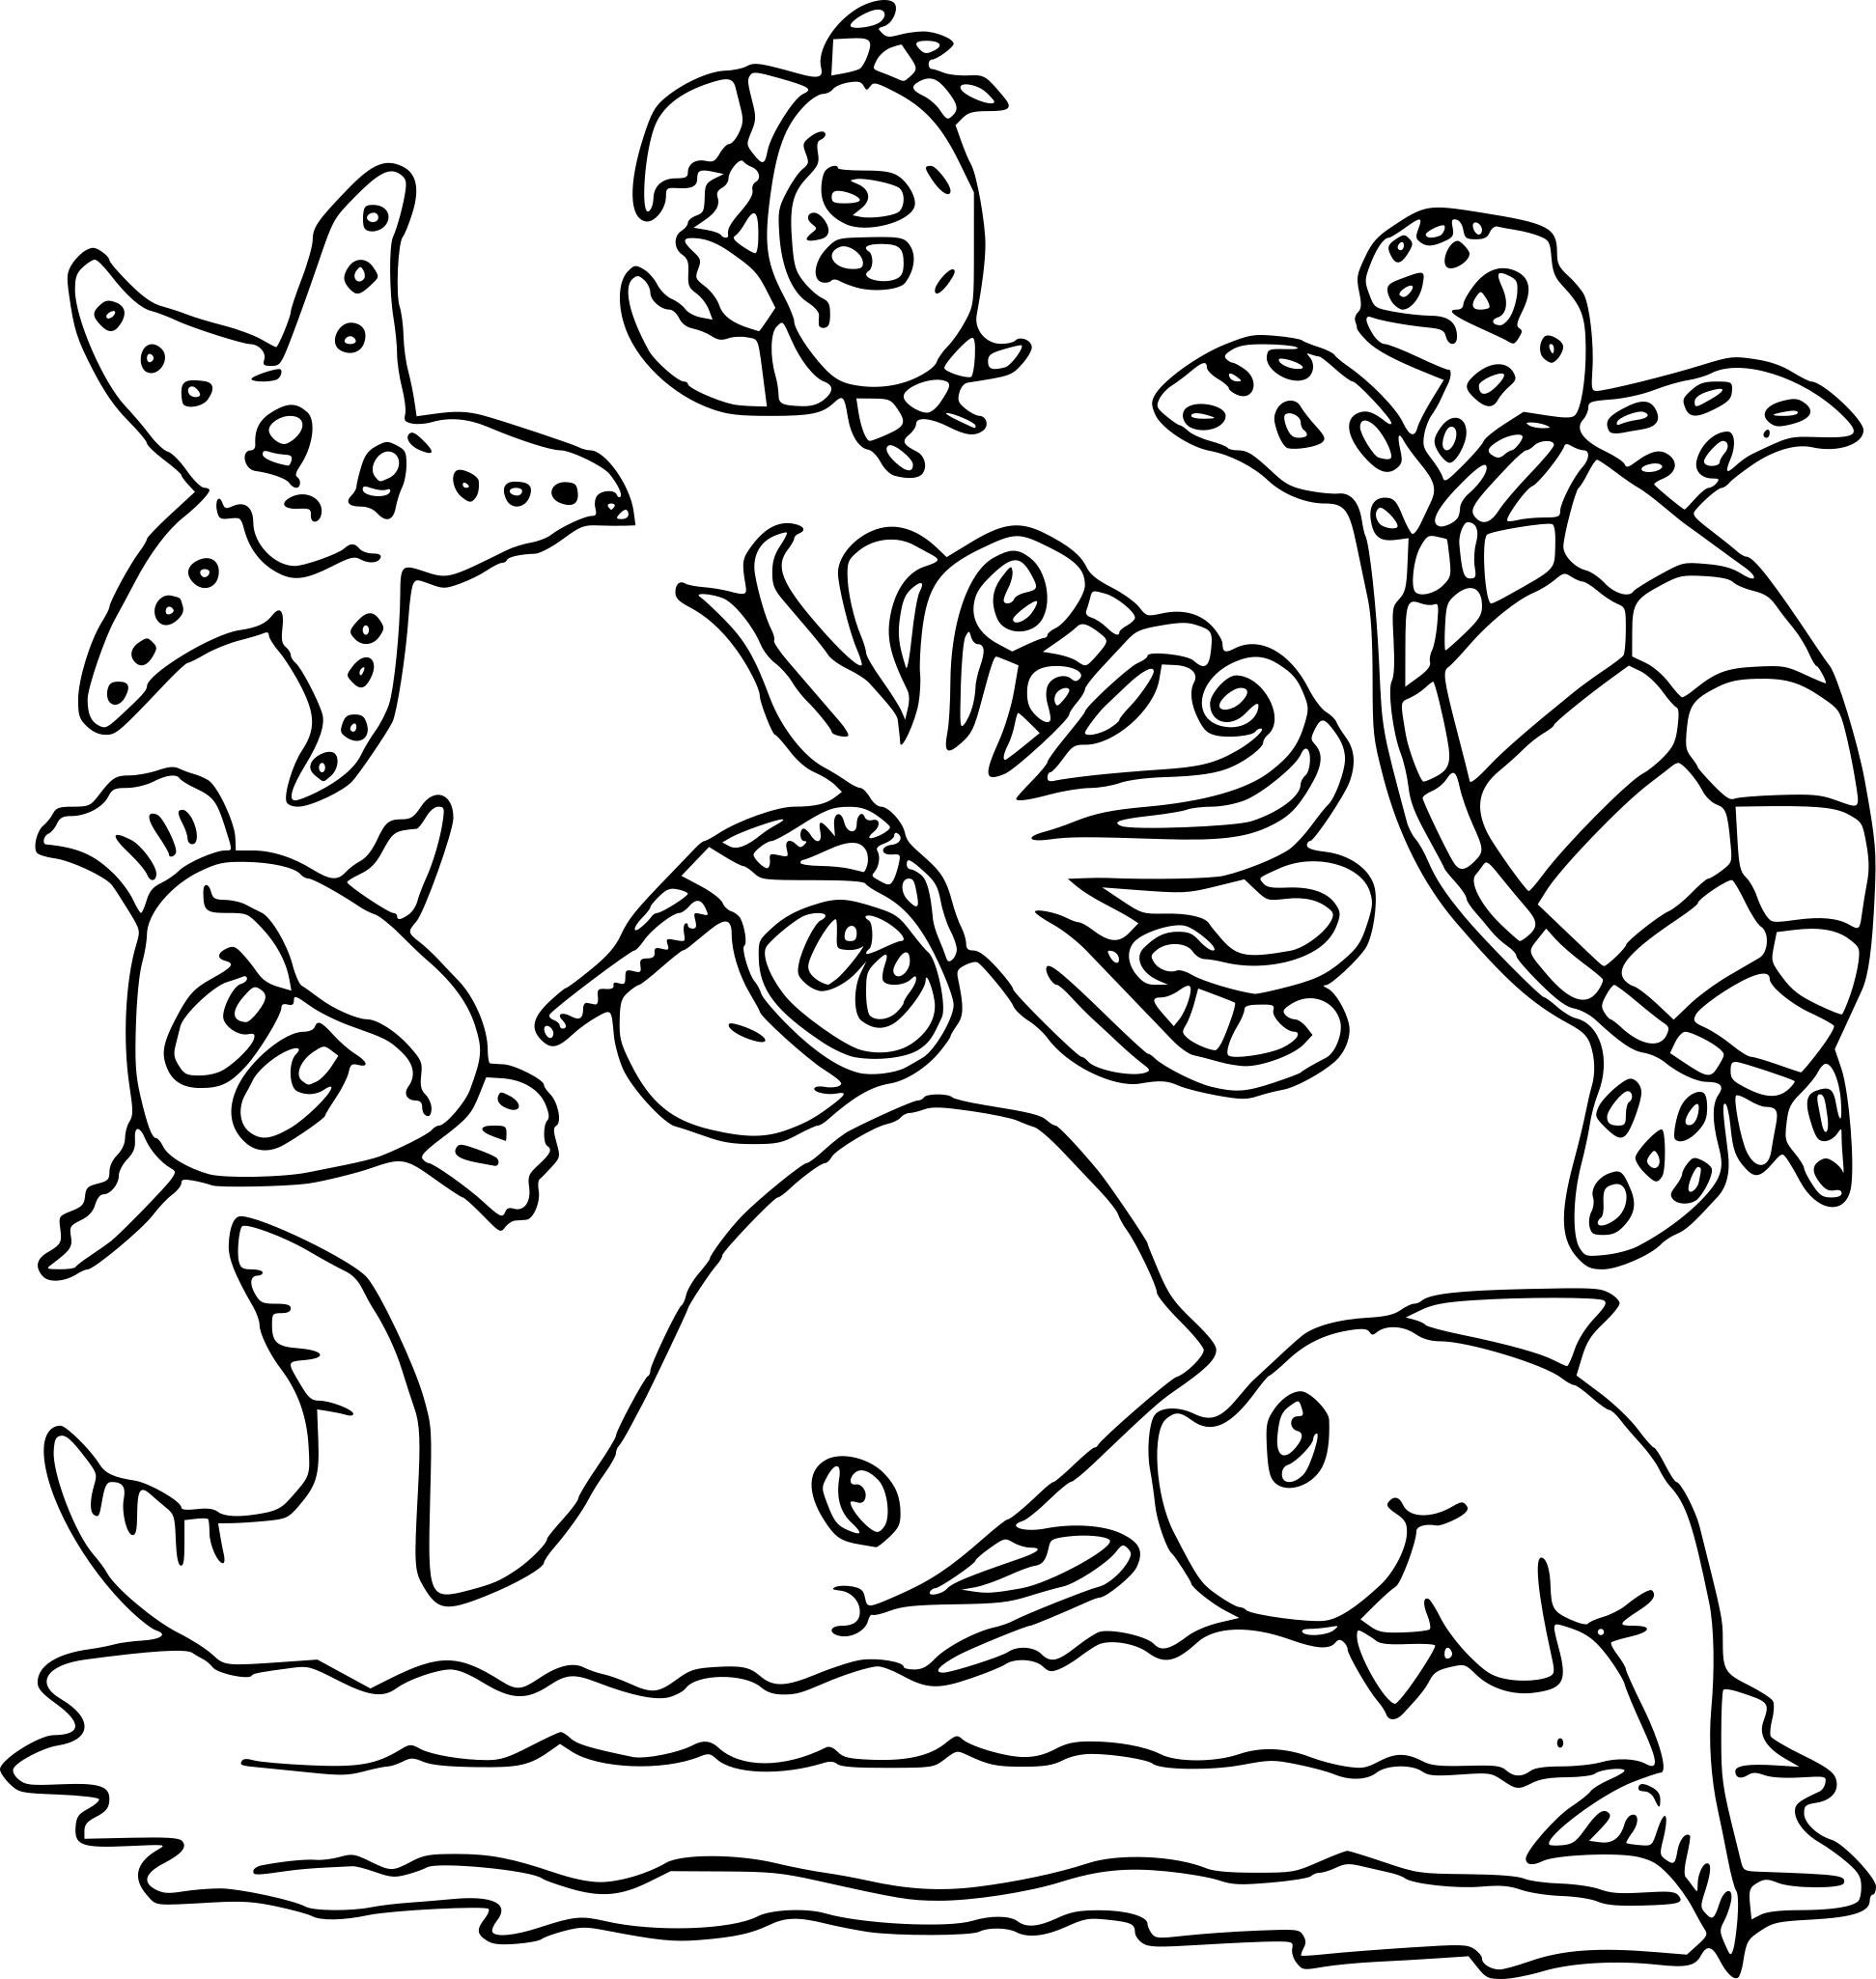 Coloriage Animaux Marins À Imprimer Sur Coloriages tout Coloriage Animaux